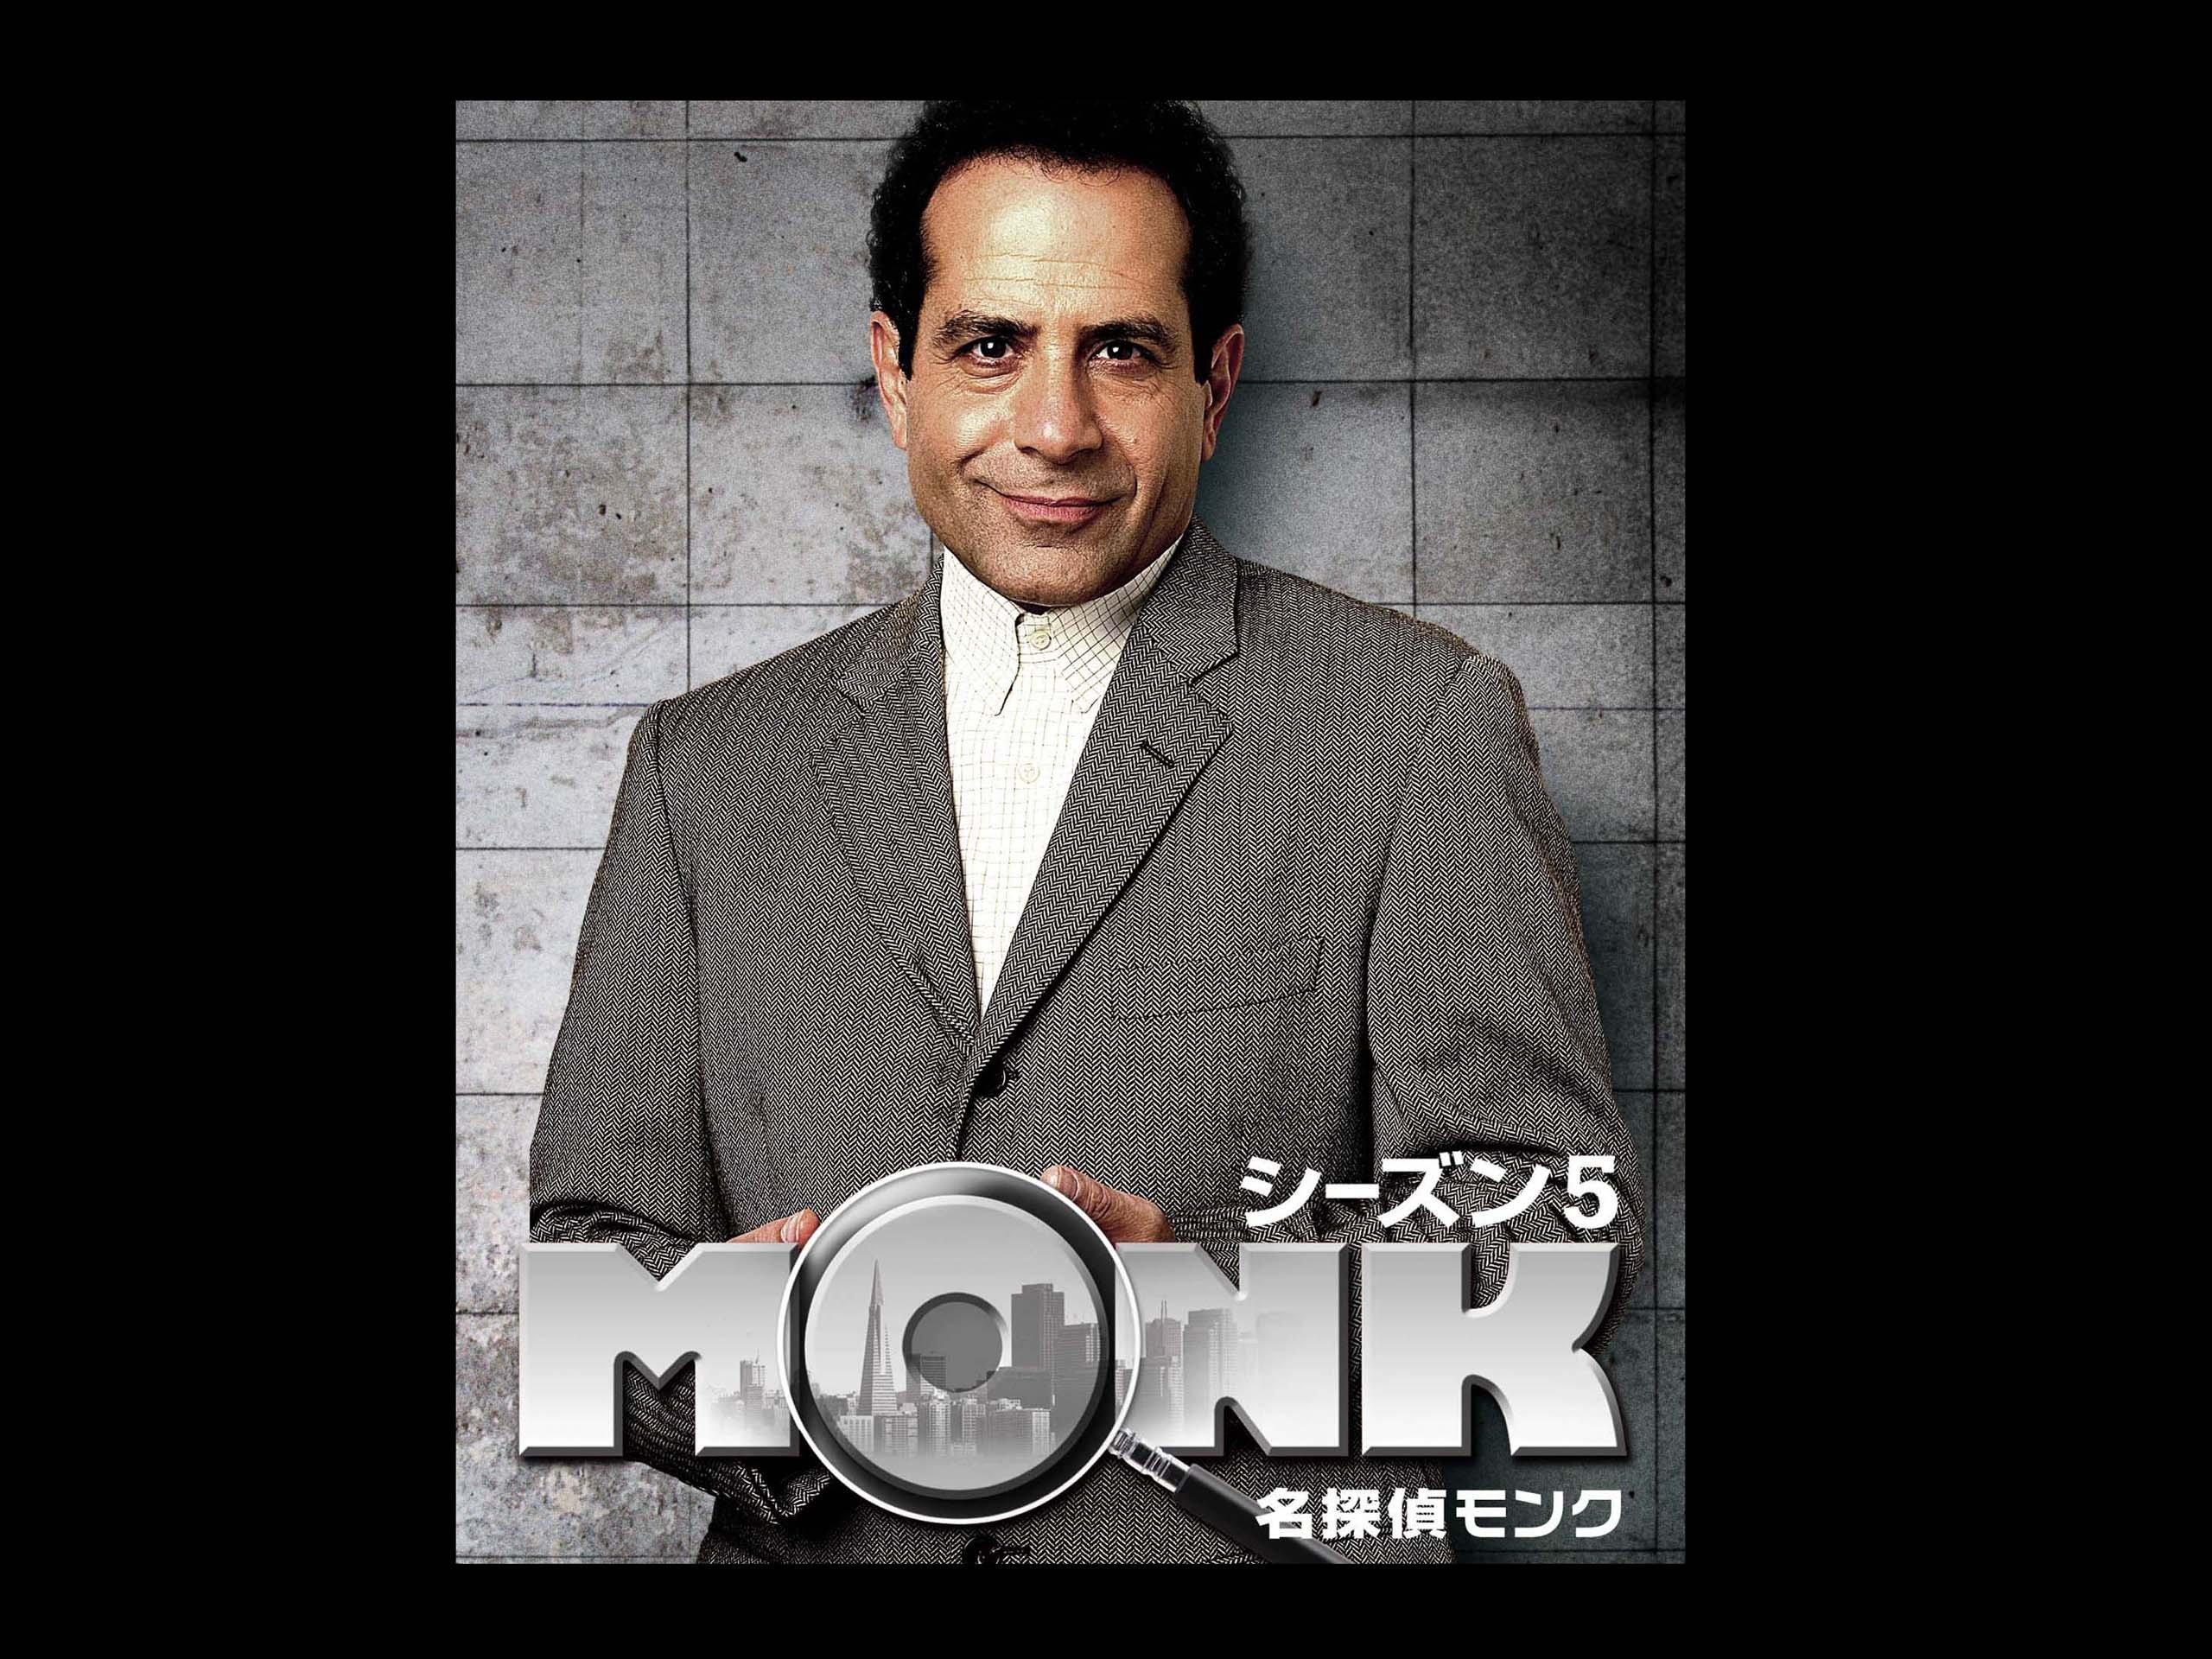 モンク 名 探偵